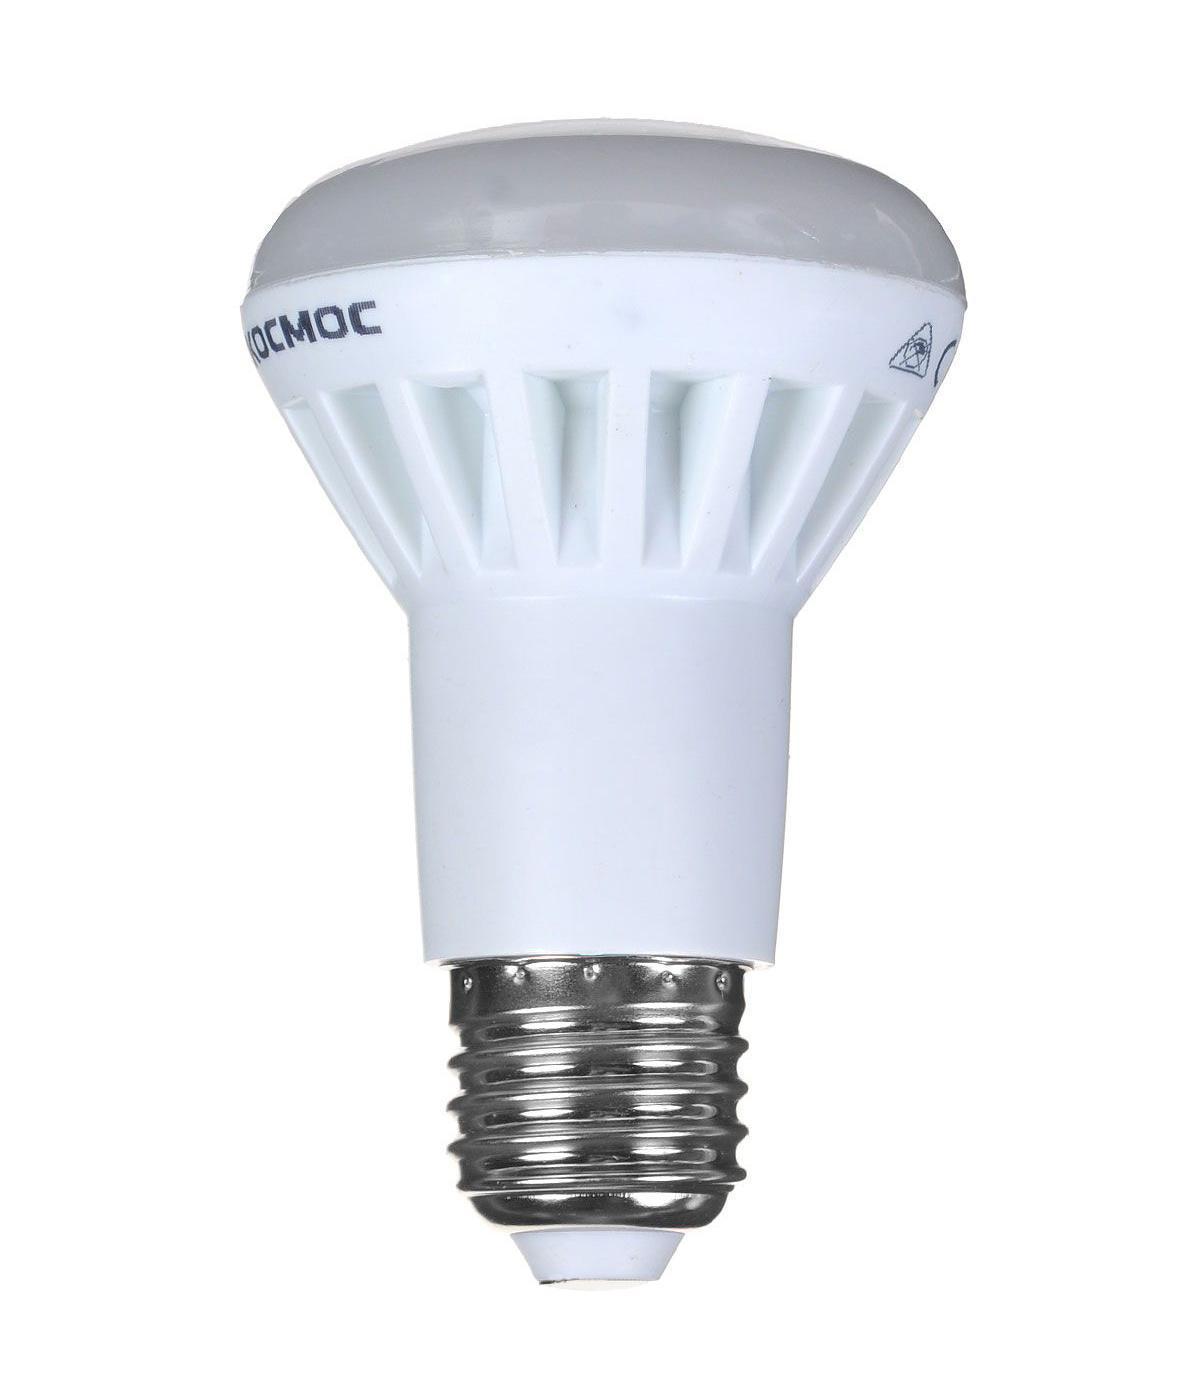 Светодиодная лампа Kosmos, теплый свет, цоколь E27, 7W, 220V. Lksm_LED7wR63E2730Lksm_LED7wR63E2730Светодиодная лампа Kosmos, теплый свет, цоколь E27, 7W, 220V. Lksm_LED7wR63E2730 - это эффективная замена неэкономичных источников света без каких-либо трудностей. Эту лампочку можно использовать для декоративного и основного освещения.